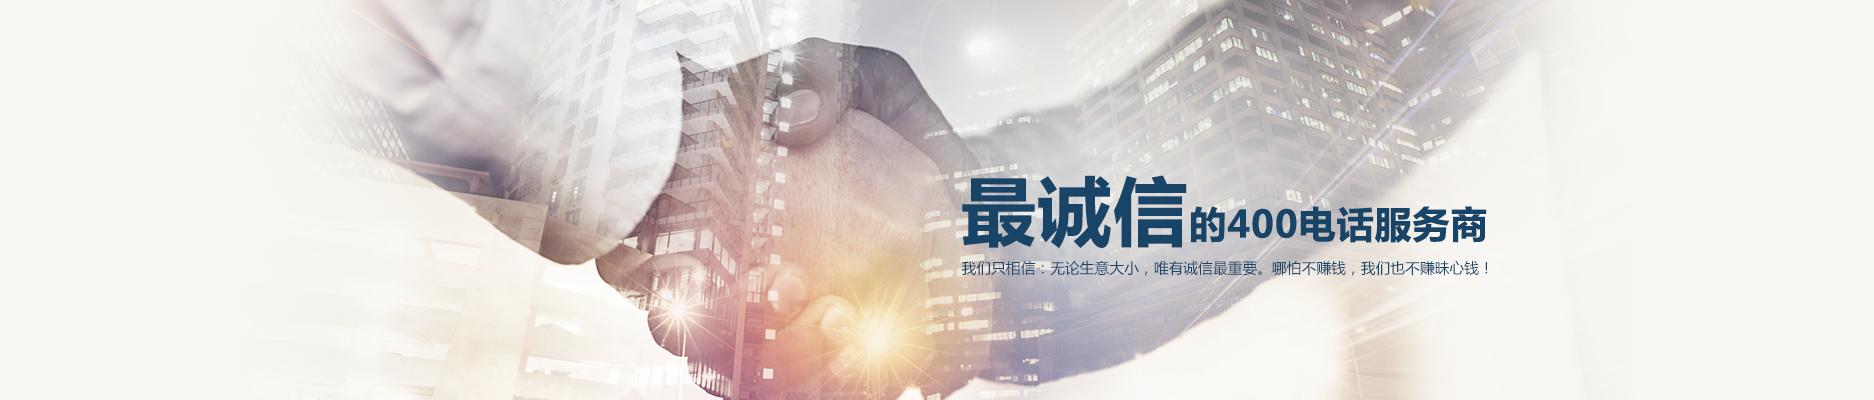 2005年起提供400接入服务 每个号码均提供管理后台  上海公司 客户遍全国